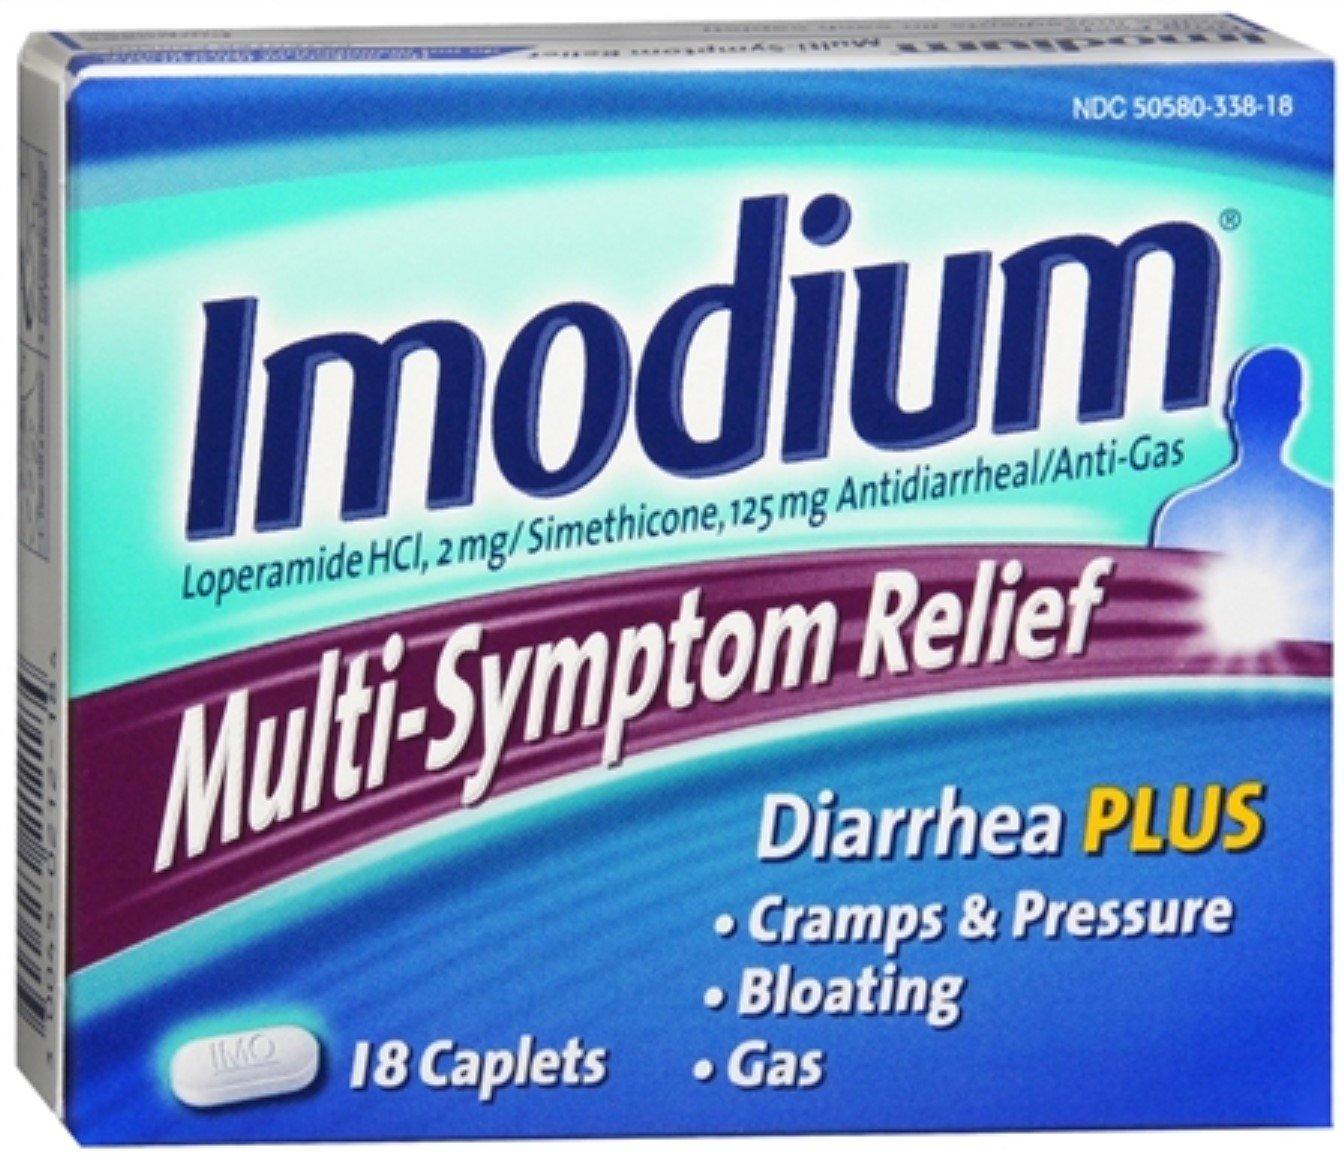 Imodium Multi-Symptom Relief Caplets 18 Caplets (10 Pack)